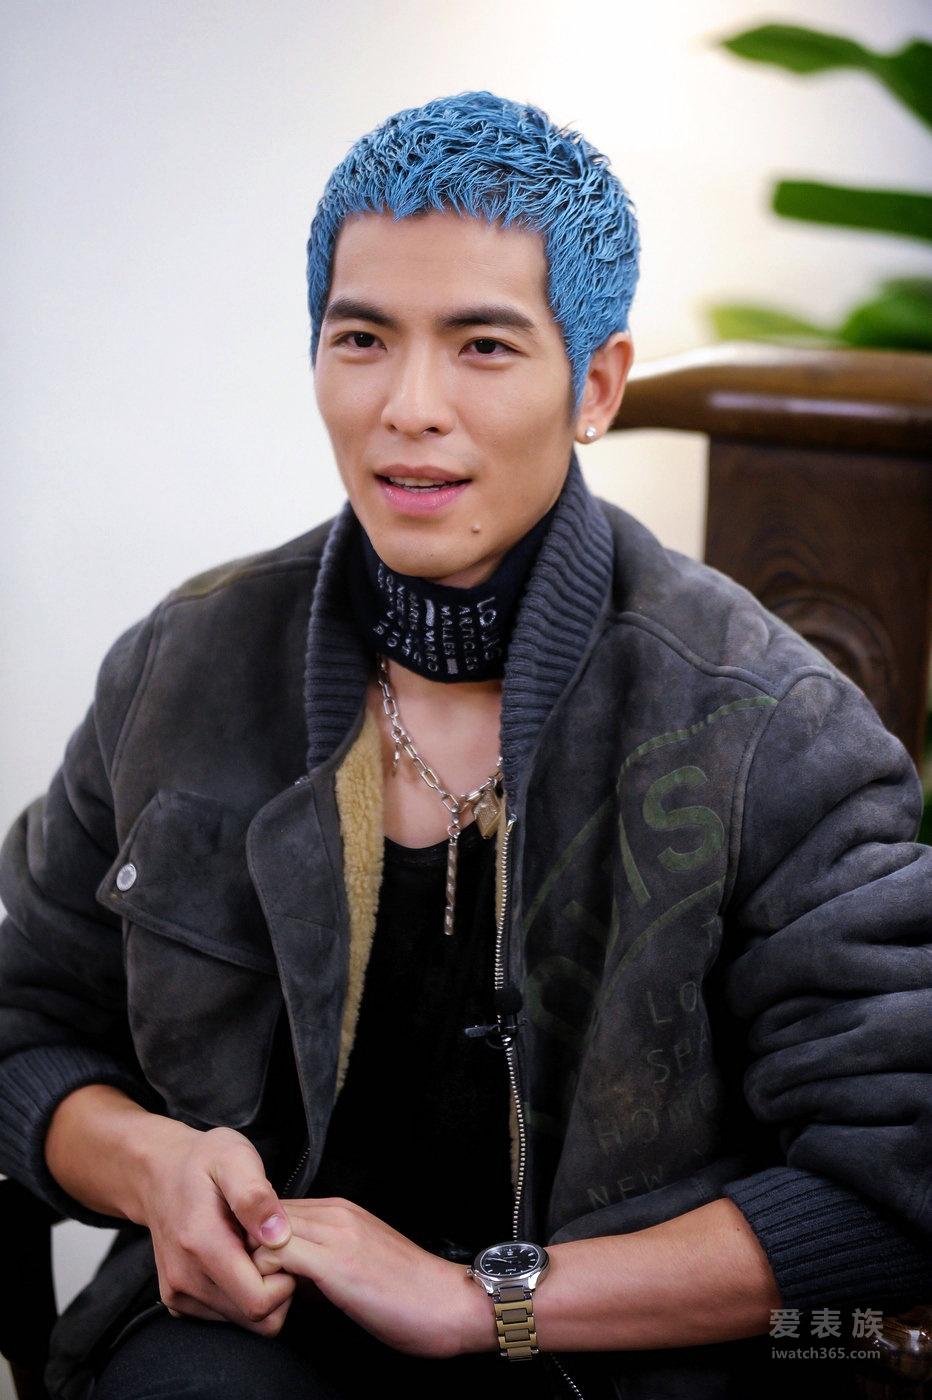 萧敬腾于浙江卫视《梦想的声音》节目中配戴Piaget Polo S腕表